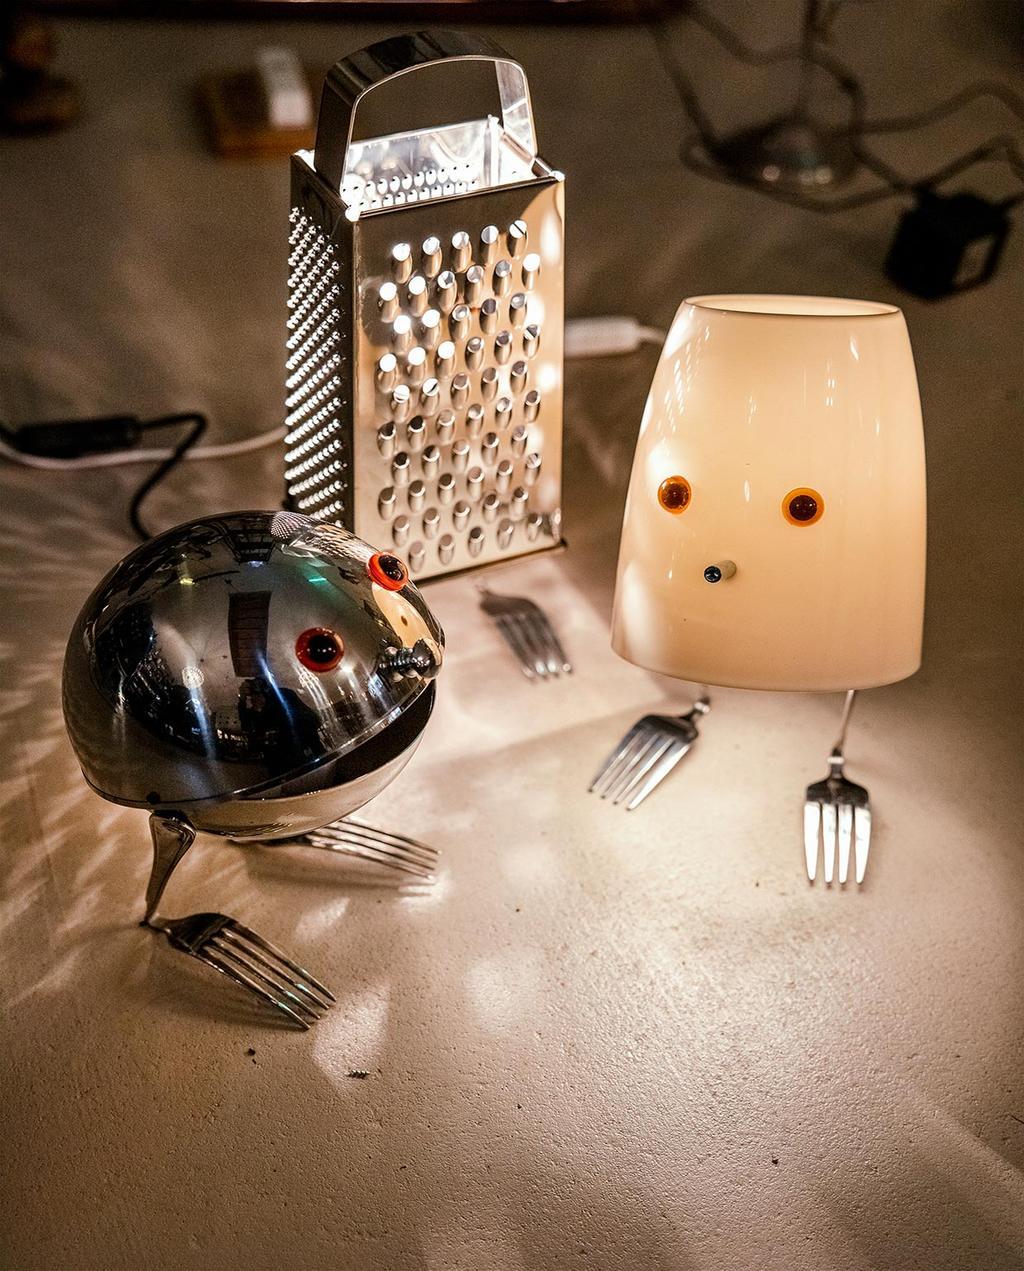 vtwonen 03-2021 | gezicht met vorken